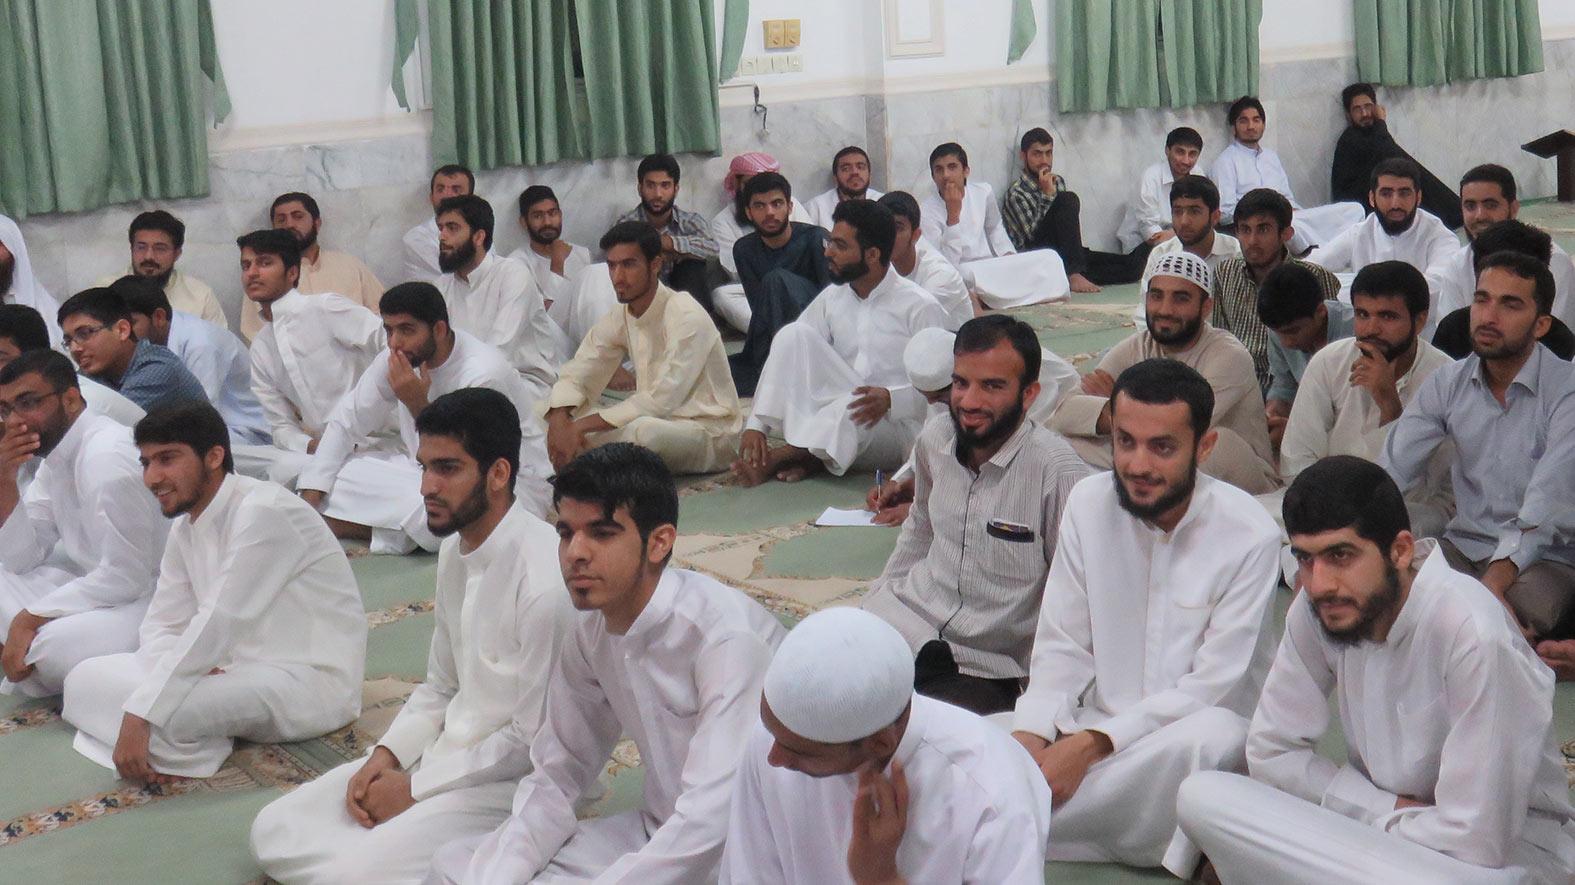 مراسم تقدیر از طلاب سال چهارم عالی سال تحصیلی 95-94 مجتمع دینی اهل سنت وجماعت بندرعباس